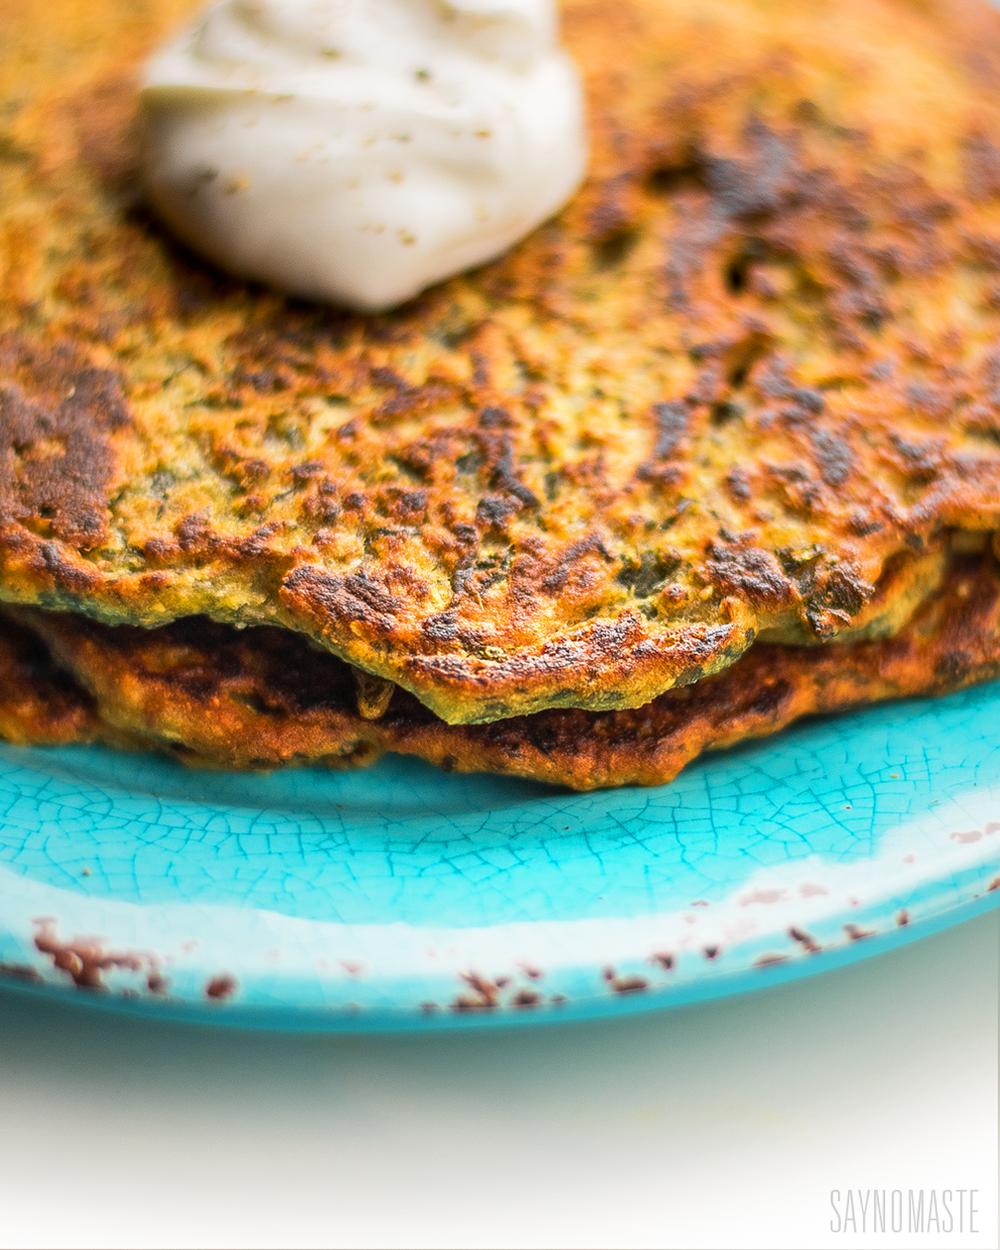 Potato_Spinach_Vegan_Pancakes_Saynomaste_2.png